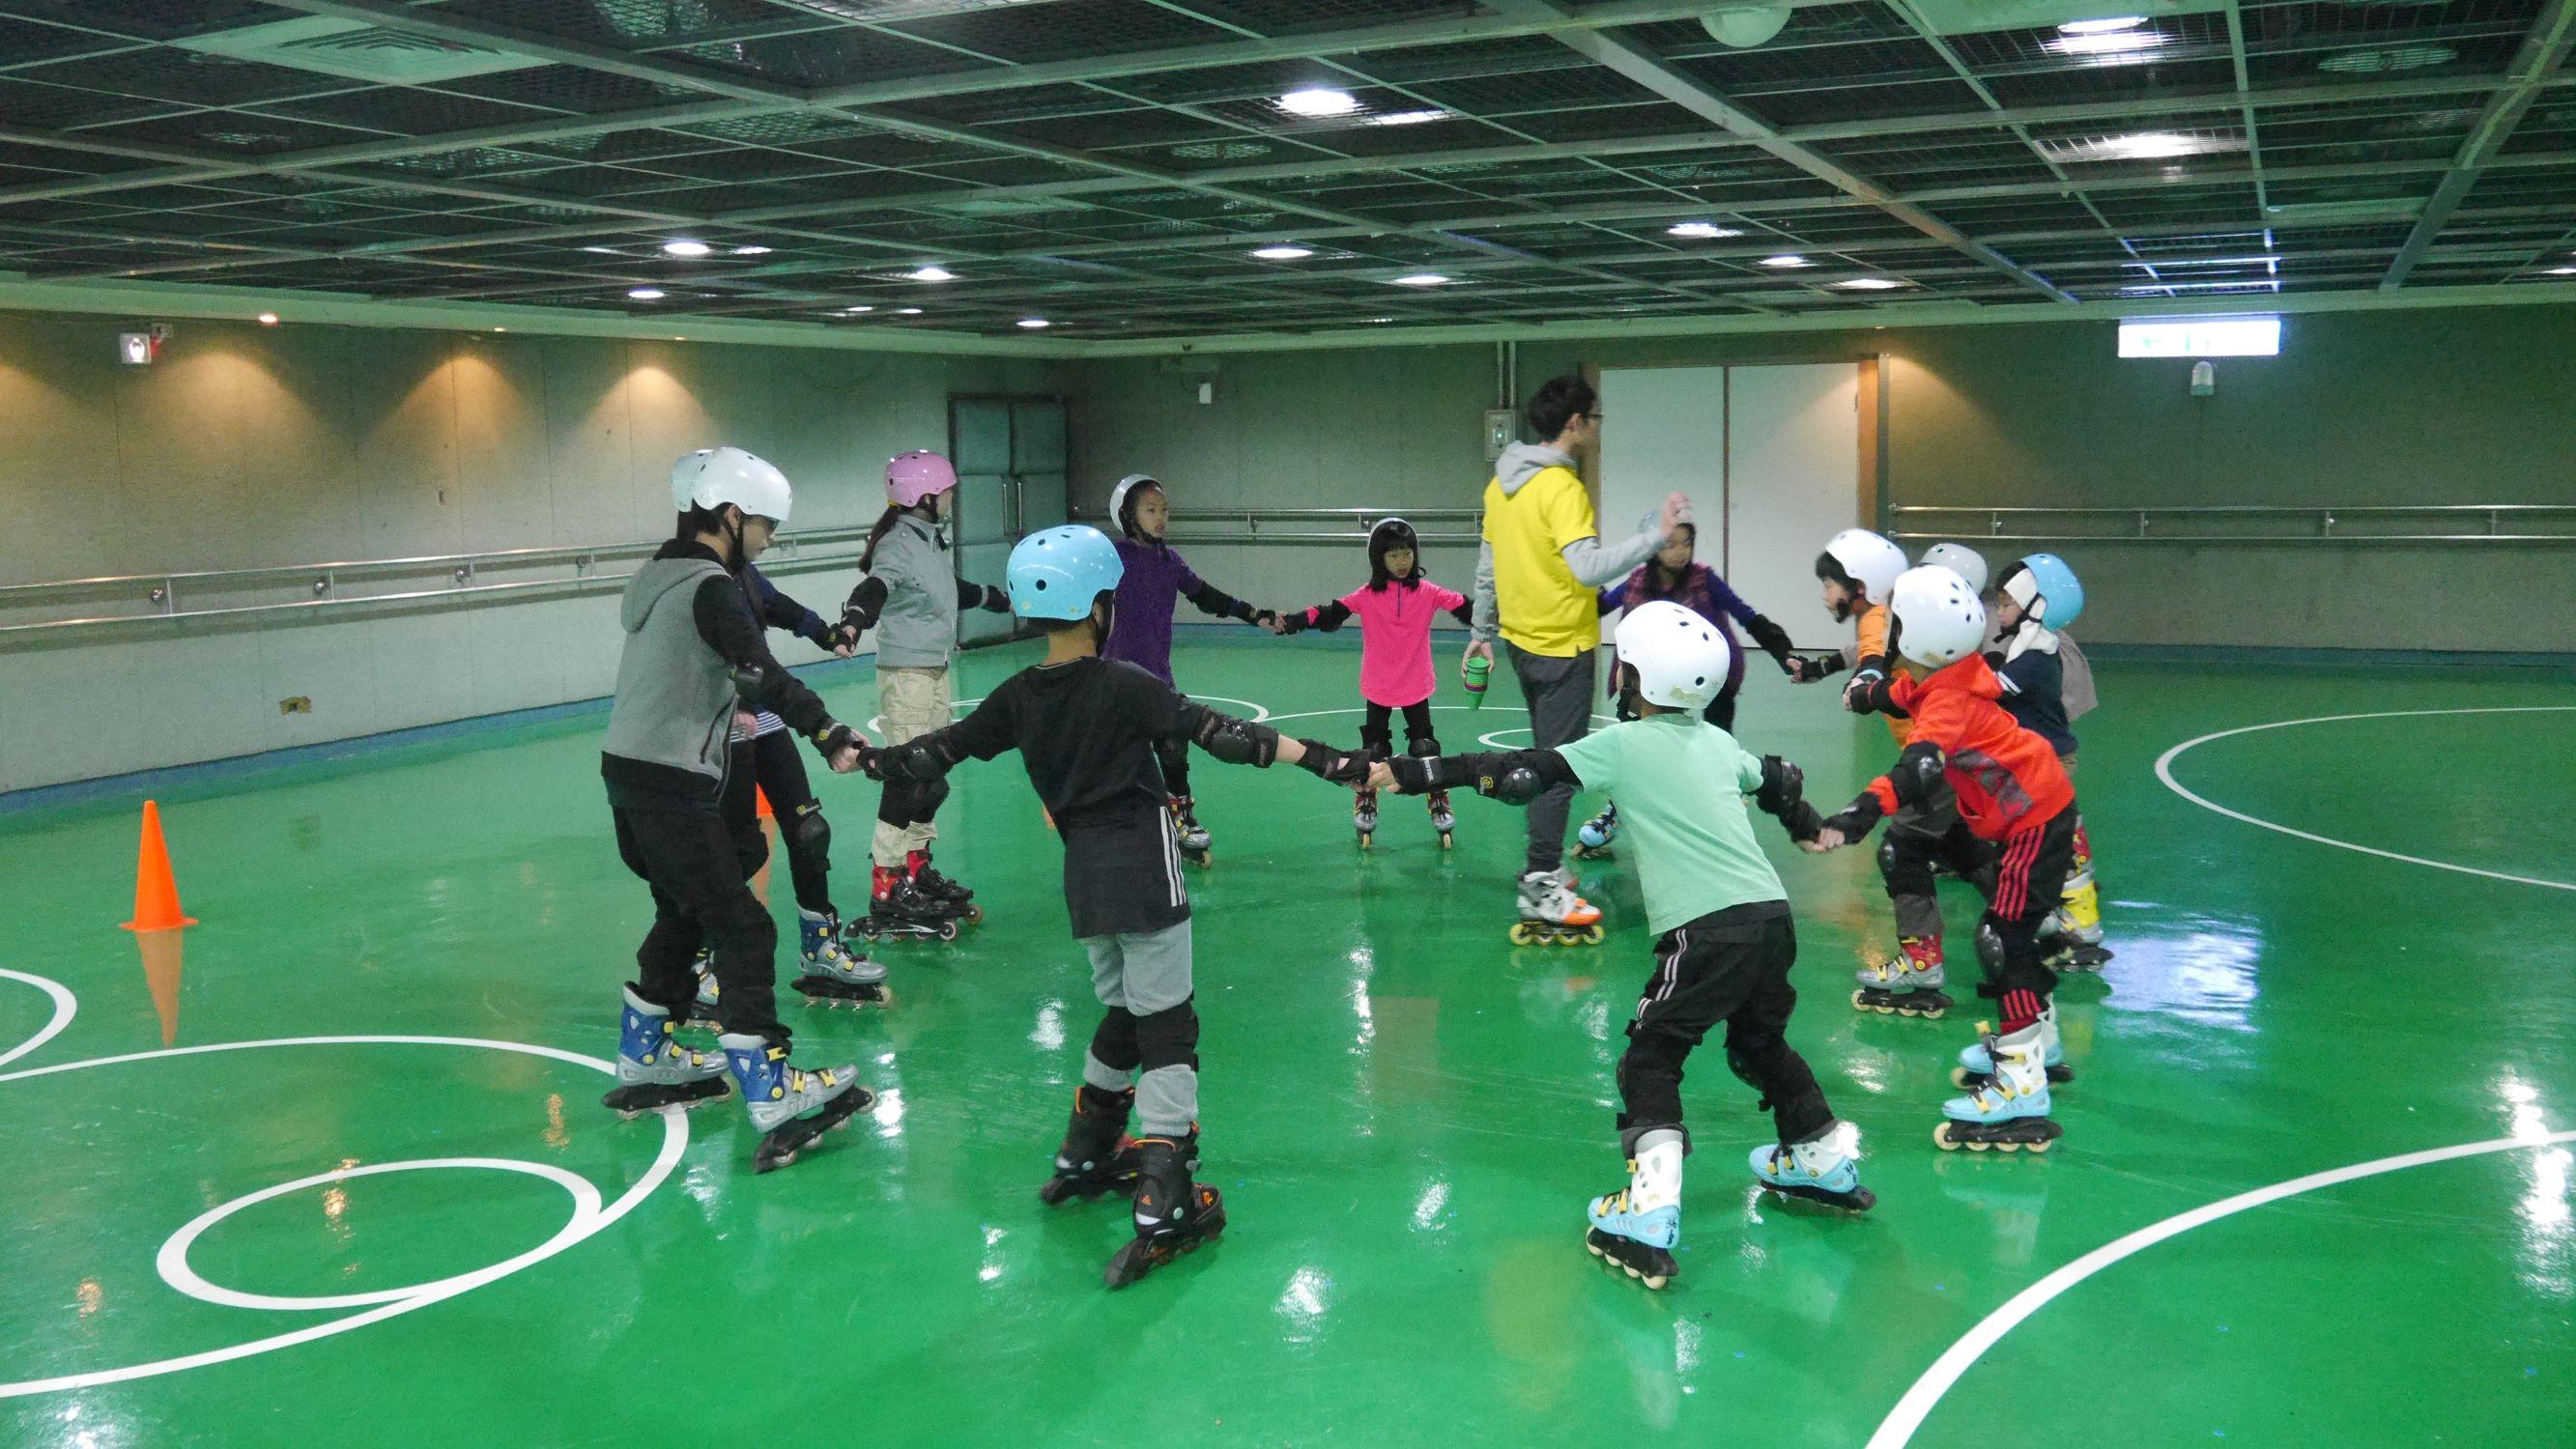 教練請學生圍成圓圈練習基本動作